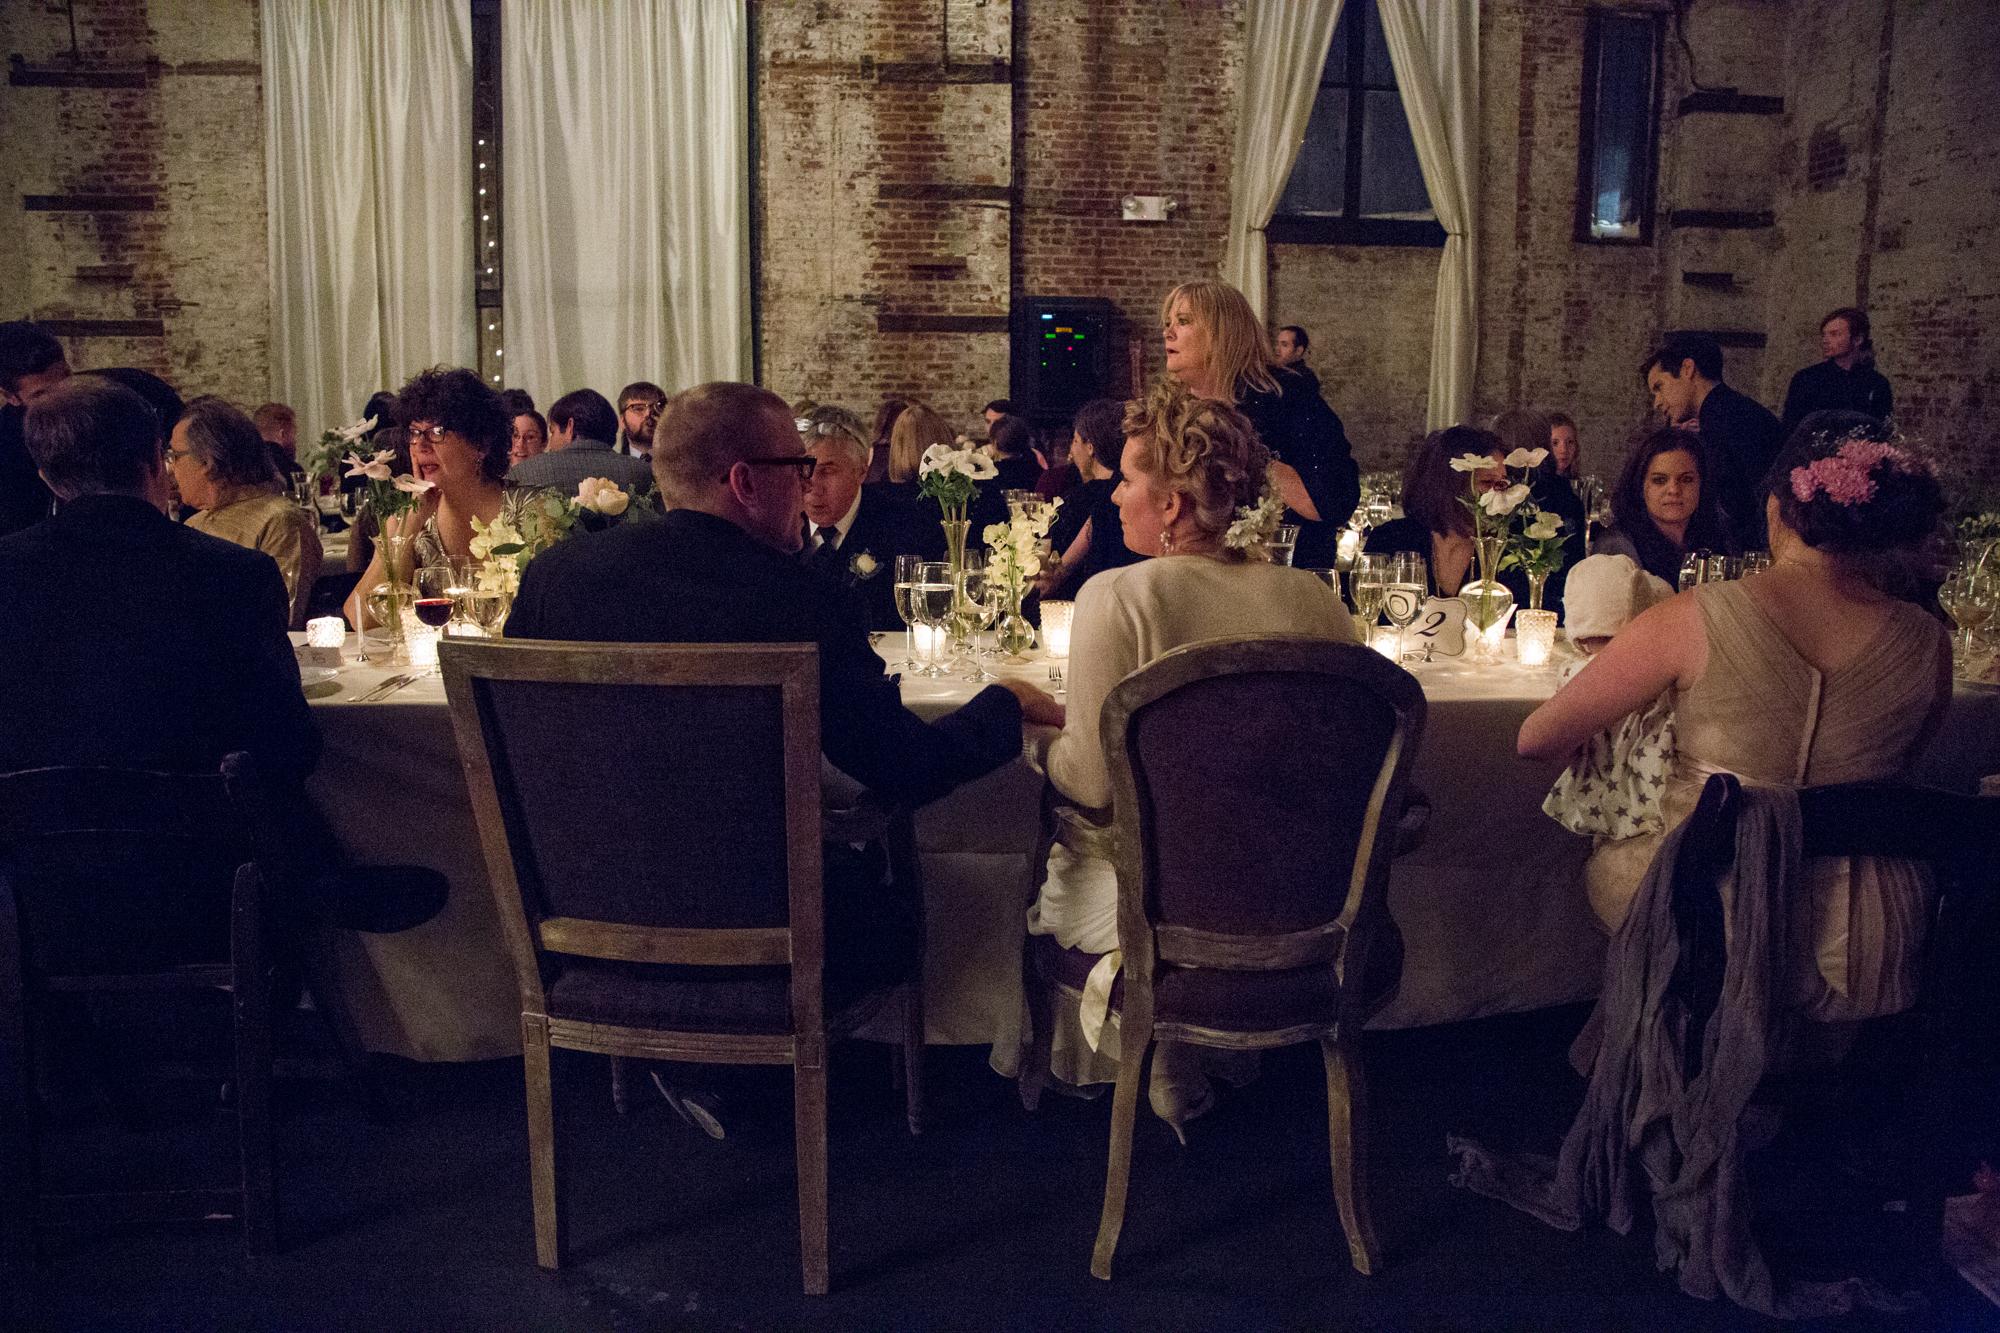 HeatherPhelpsLipton-Modern-WeddingPhotography-GreenBuilding-winter-prospectpark-3-2.jpg